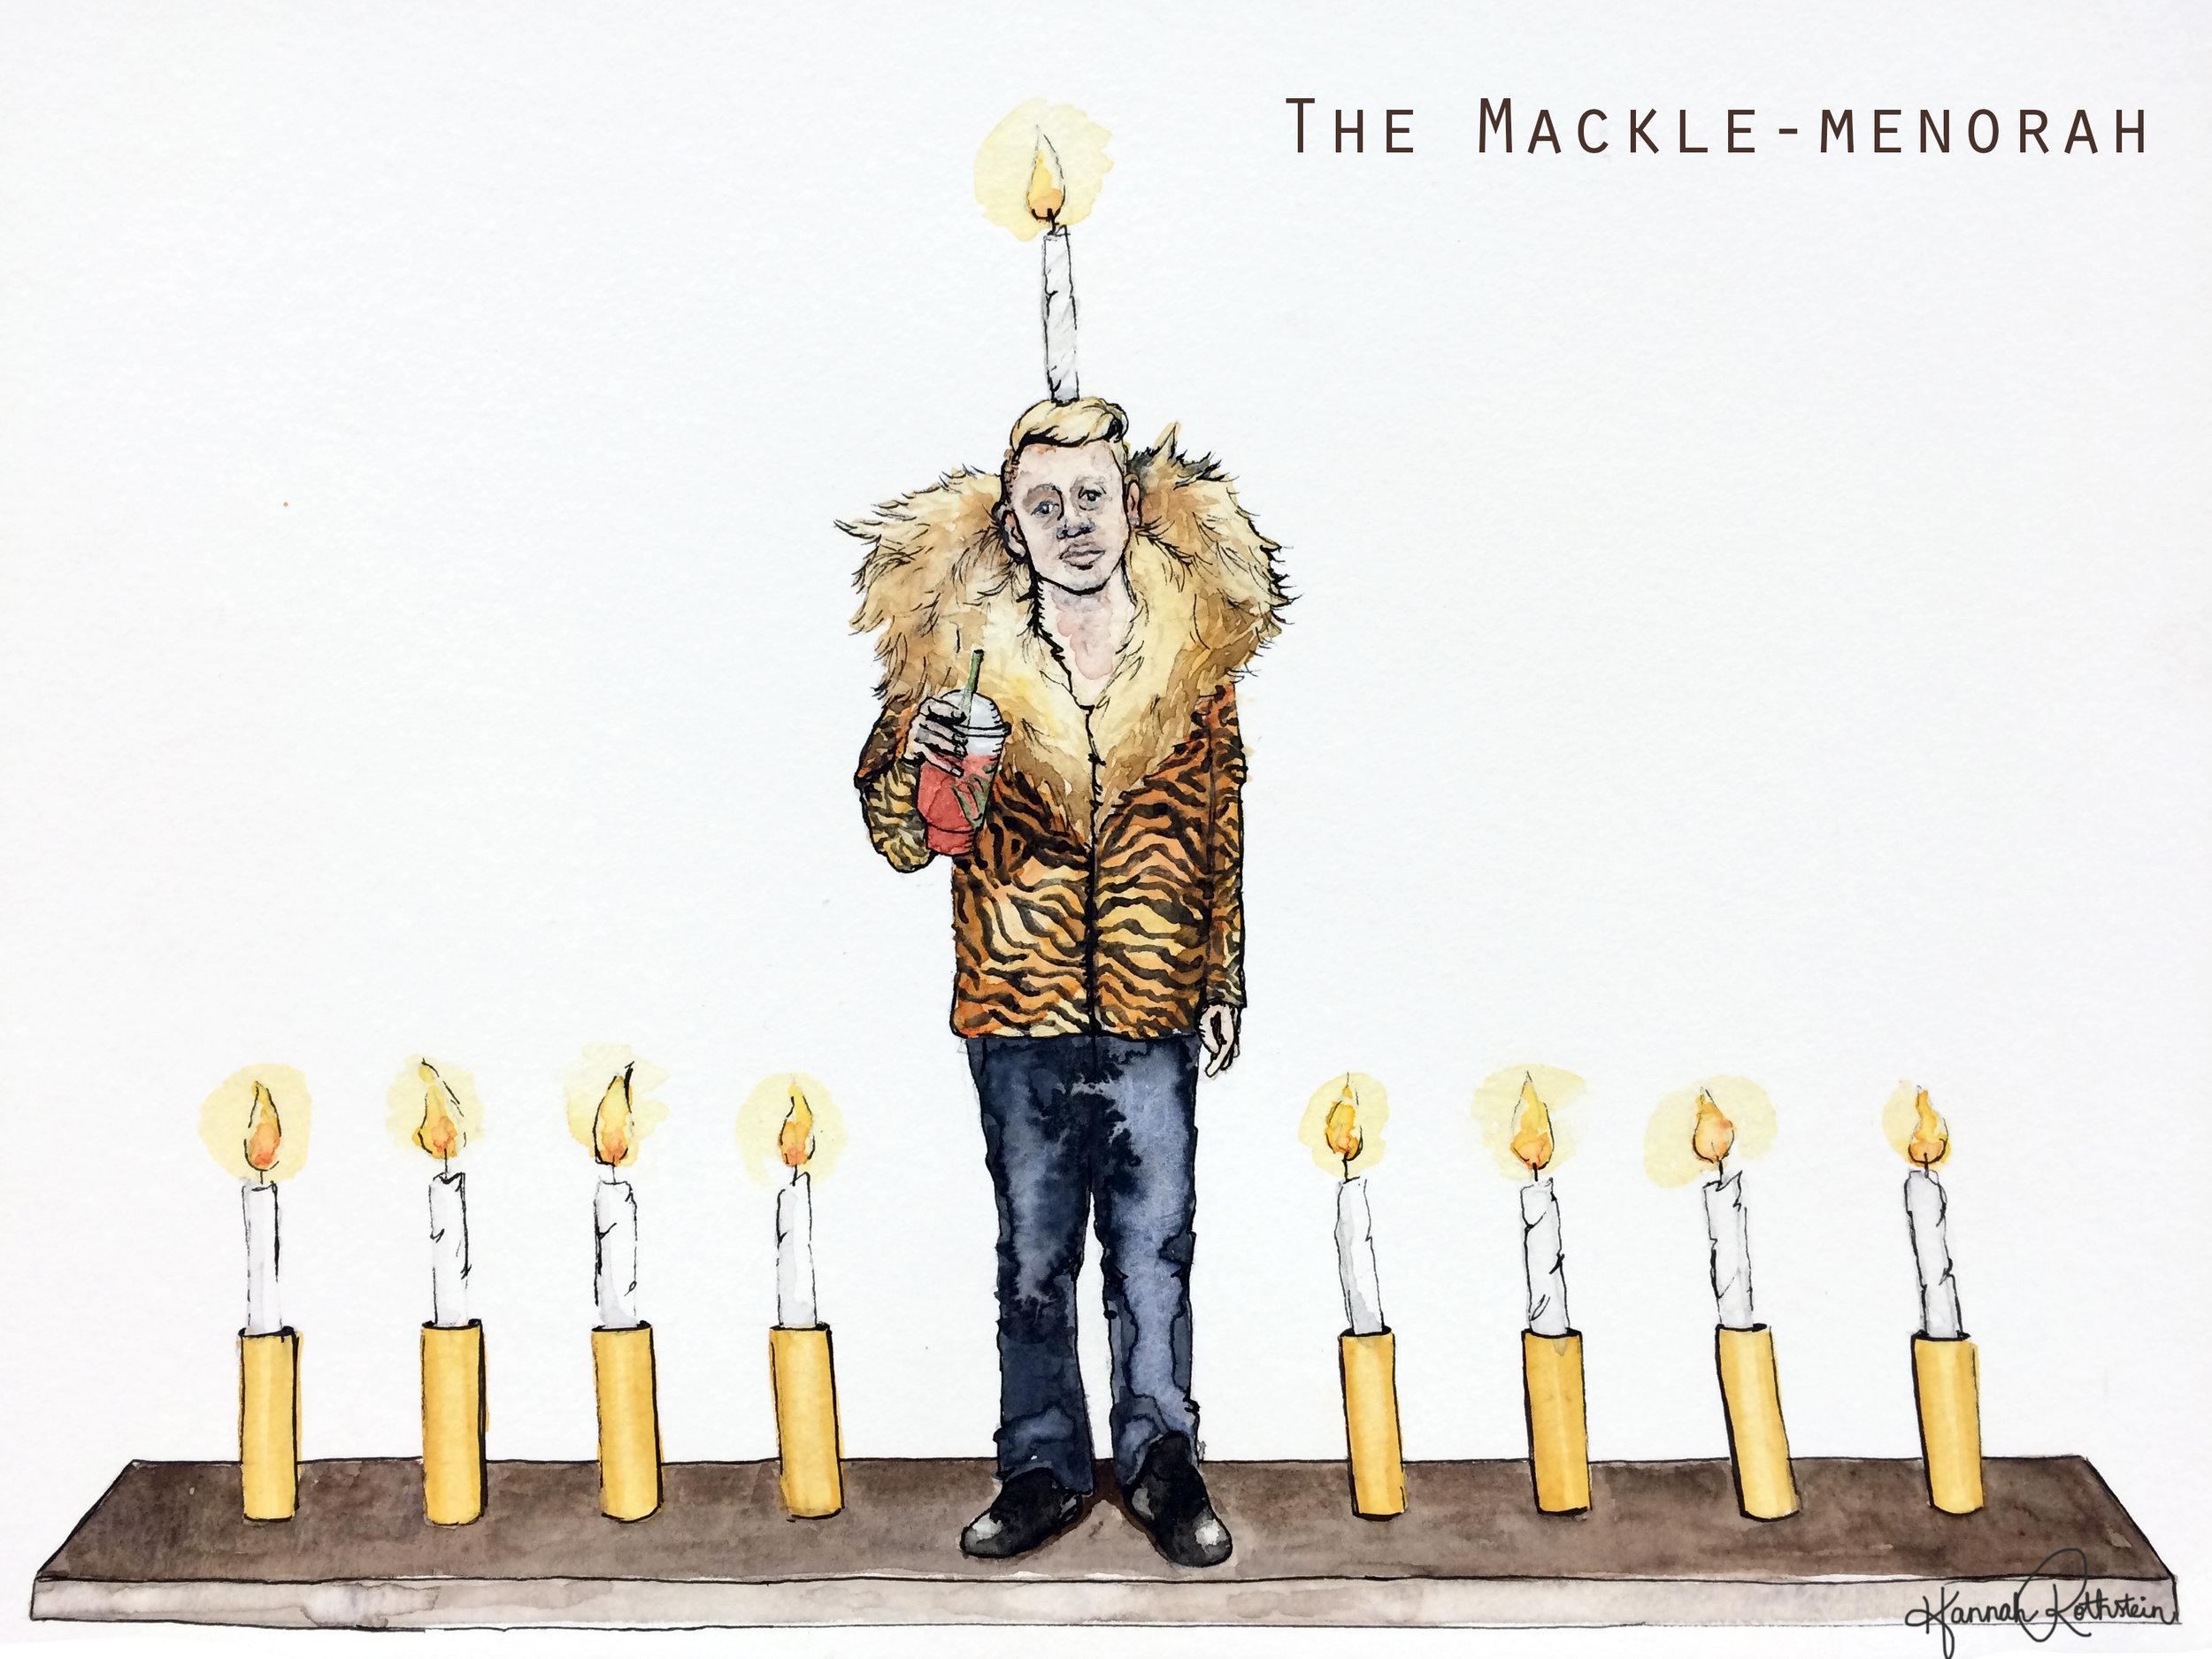 The Mackle-menorah